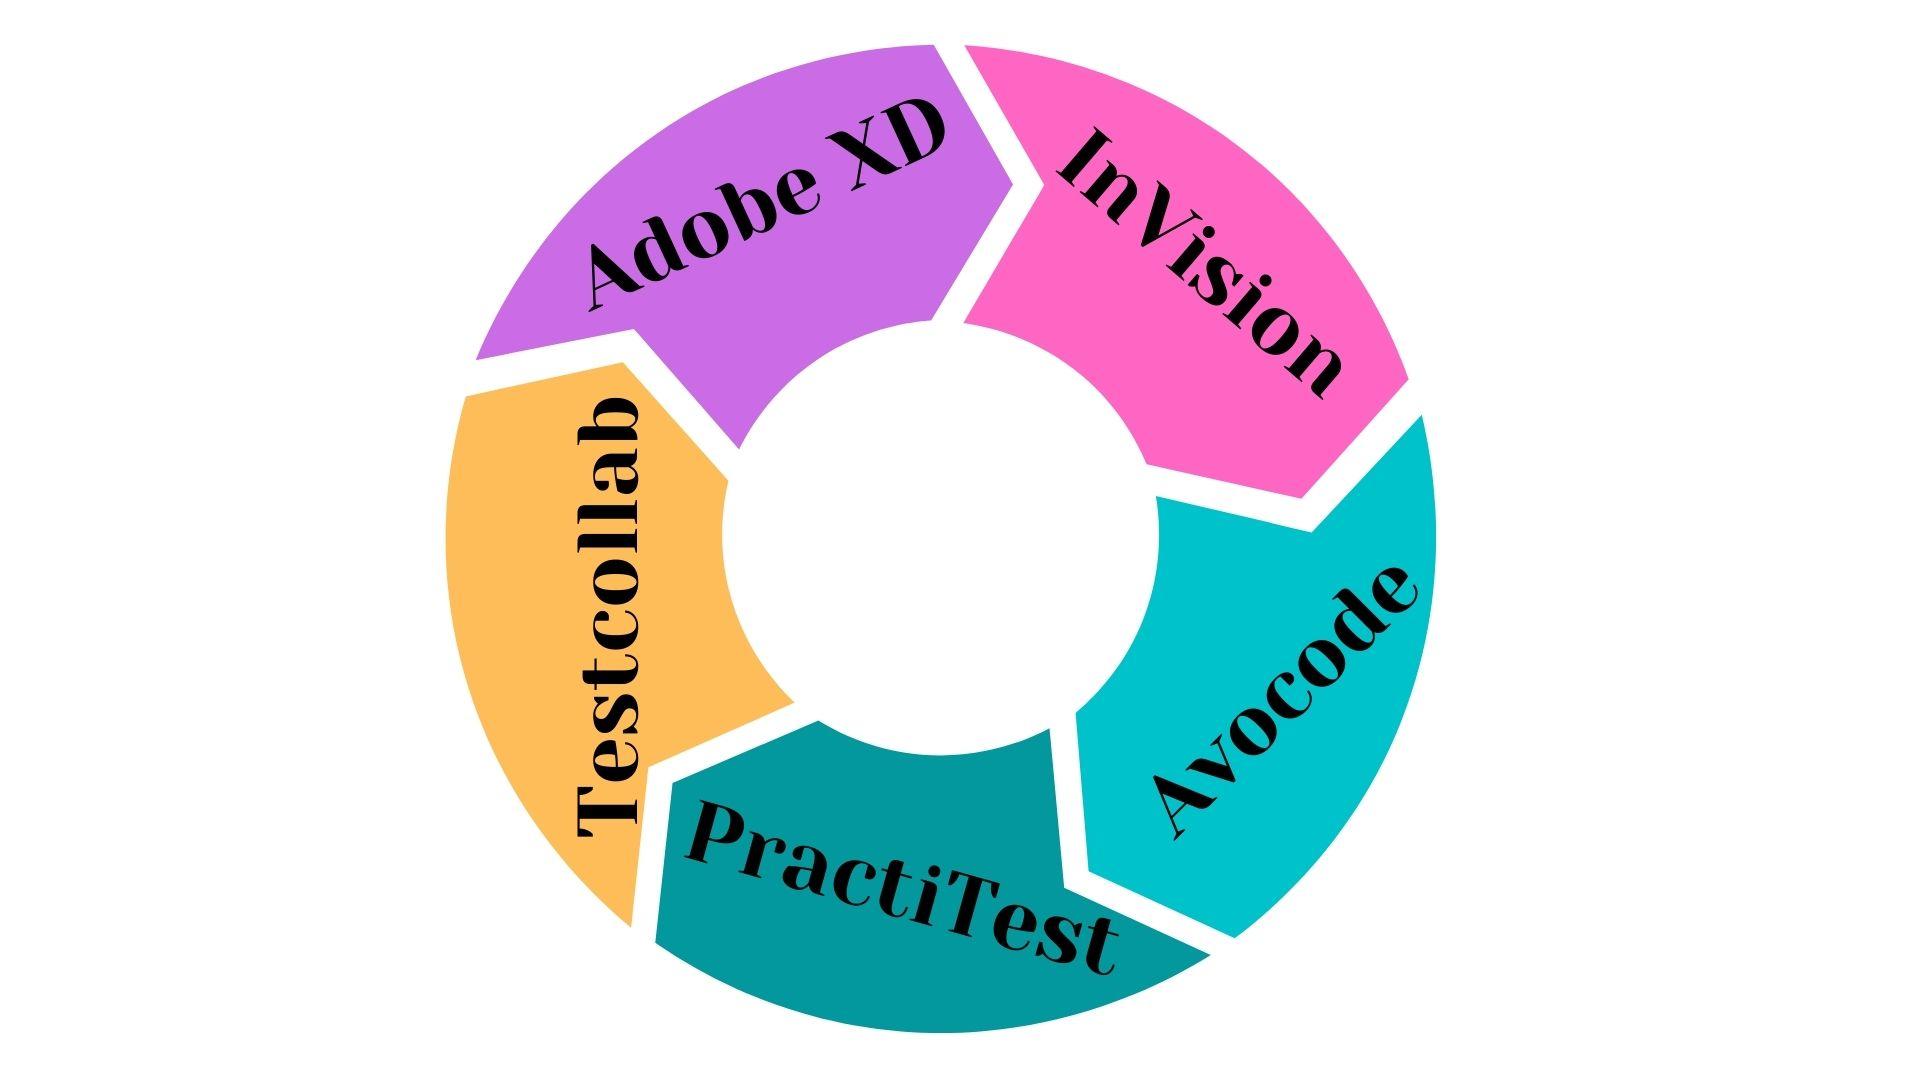 app design tools